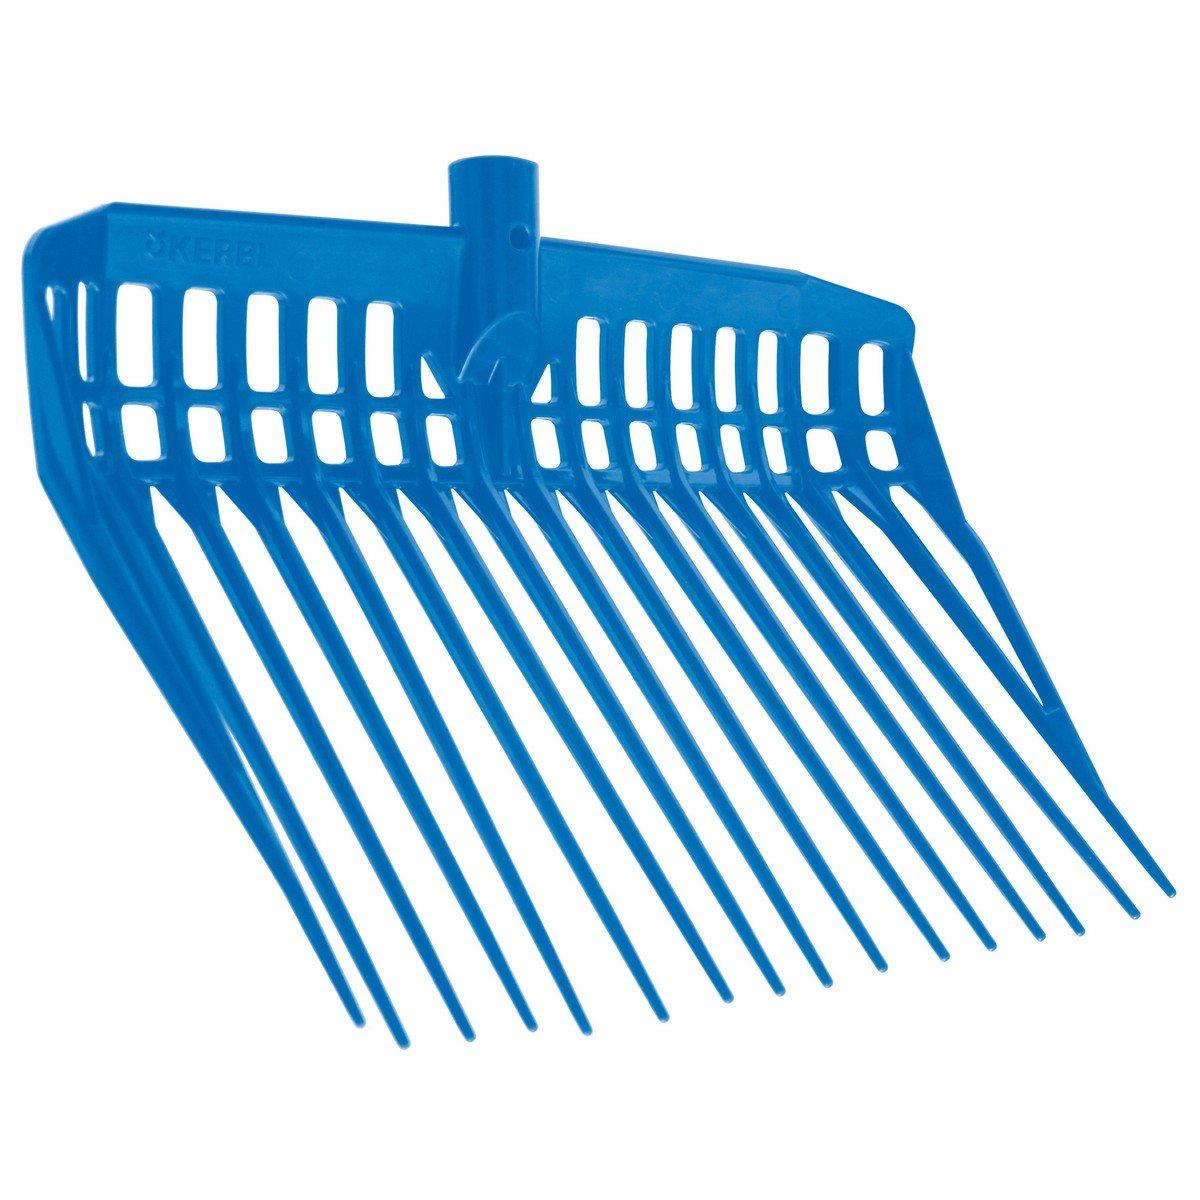 Abbildung von Kerbl Mistgabel Ecofork Blau